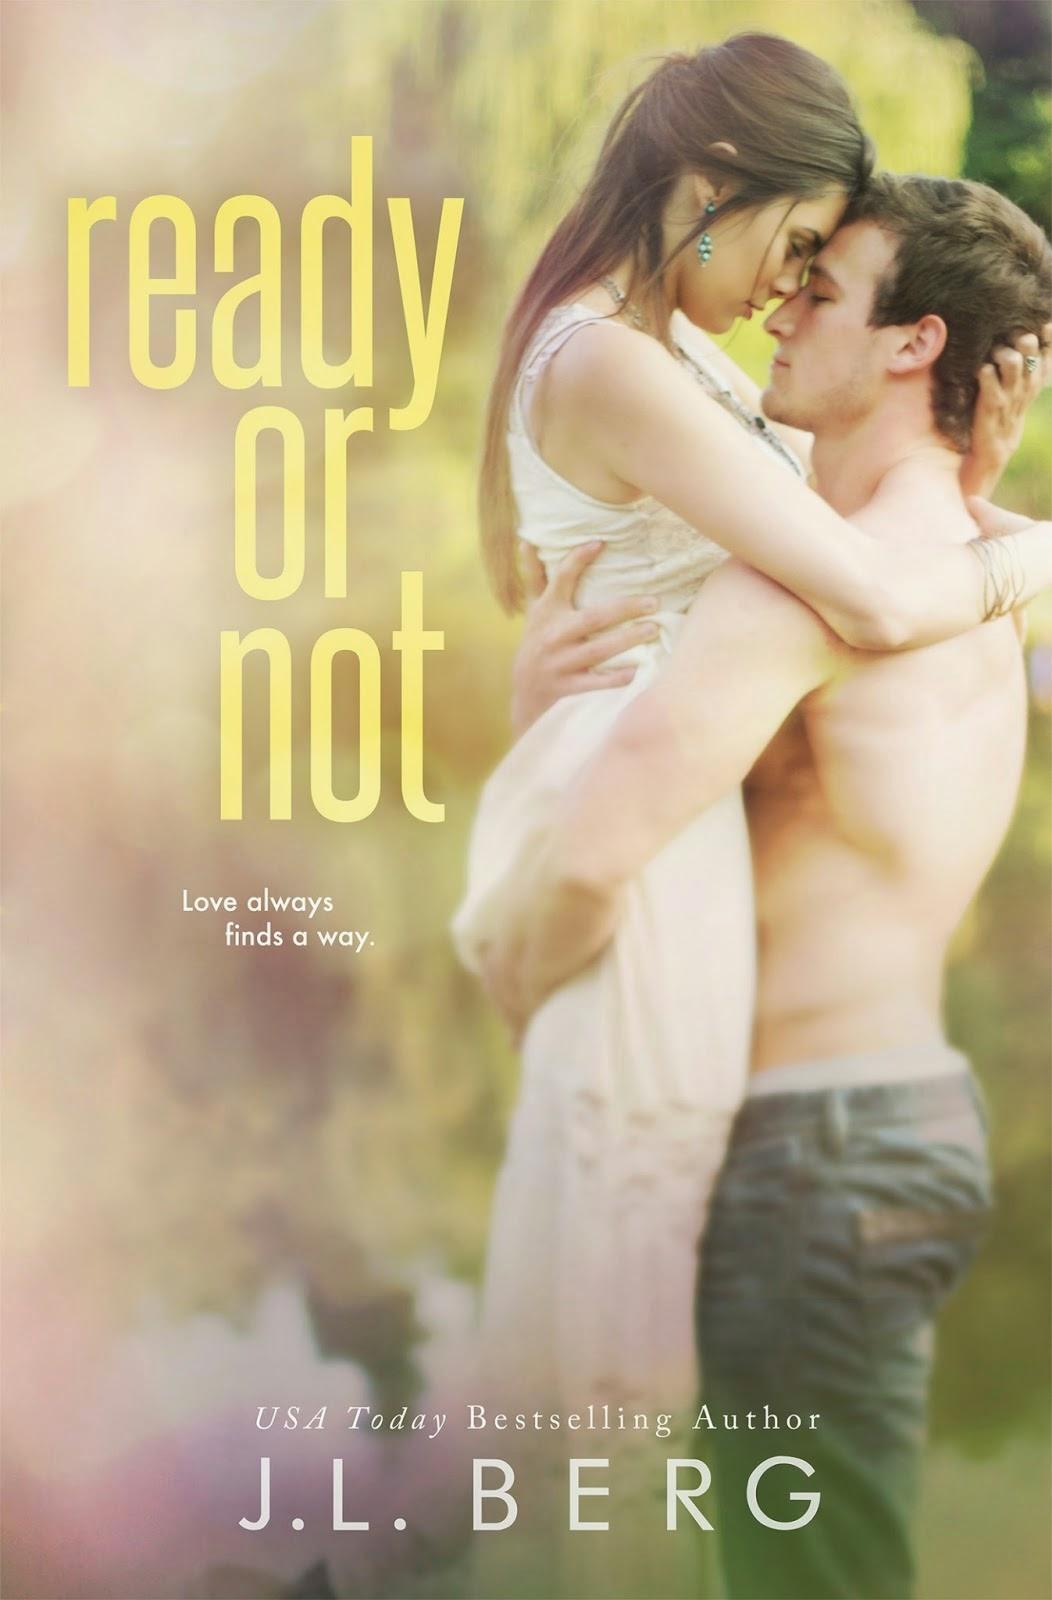 http://readsallthebooks.blogspot.com/2014/12/ready-or-not-review.html